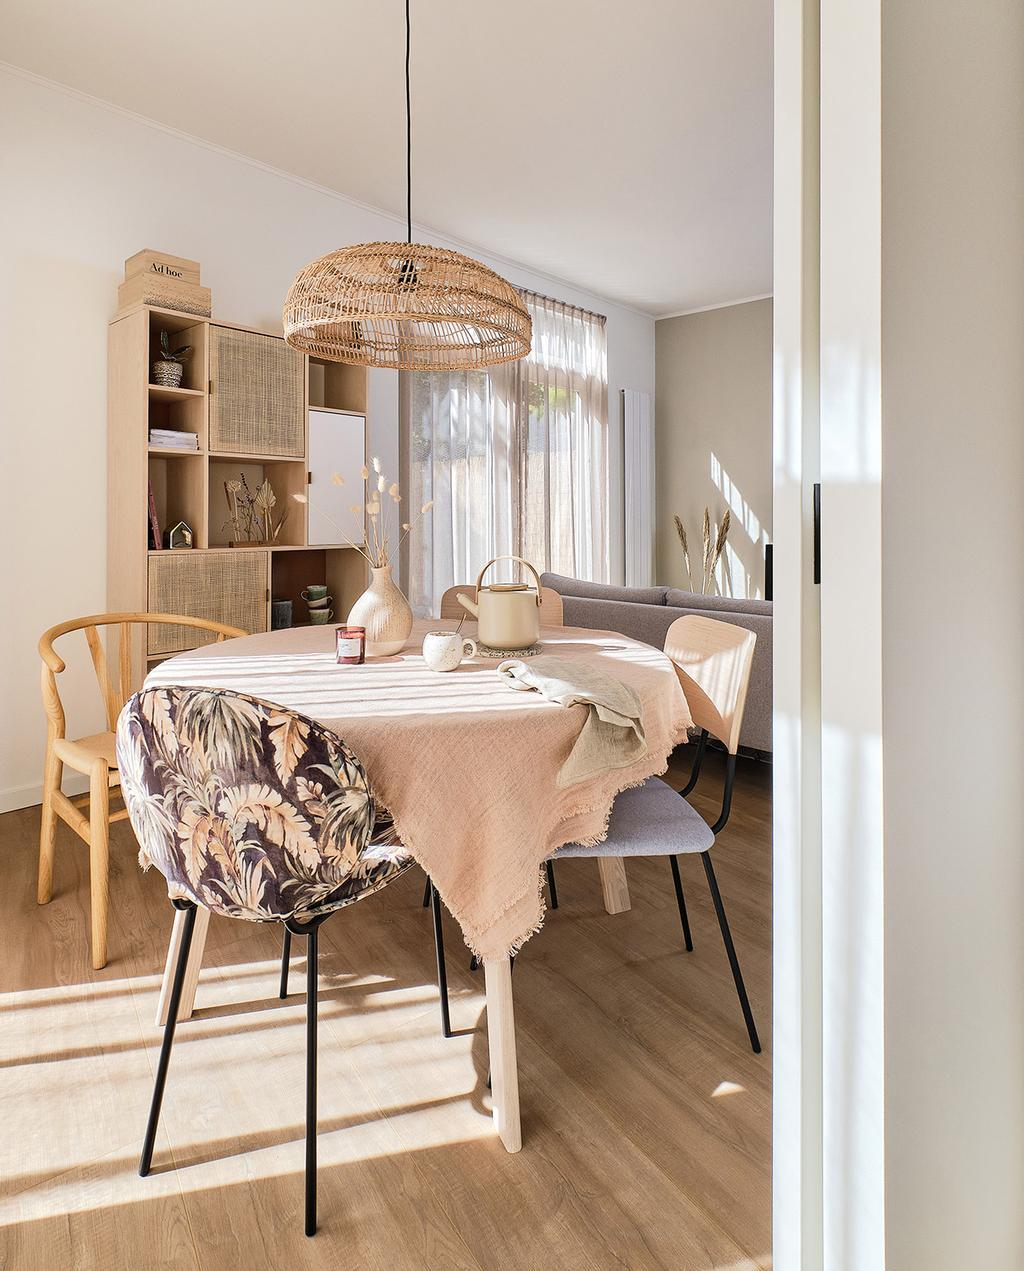 vtwonen special tiny houses | ronde eettafel in tiny house met hoog zomergevoel